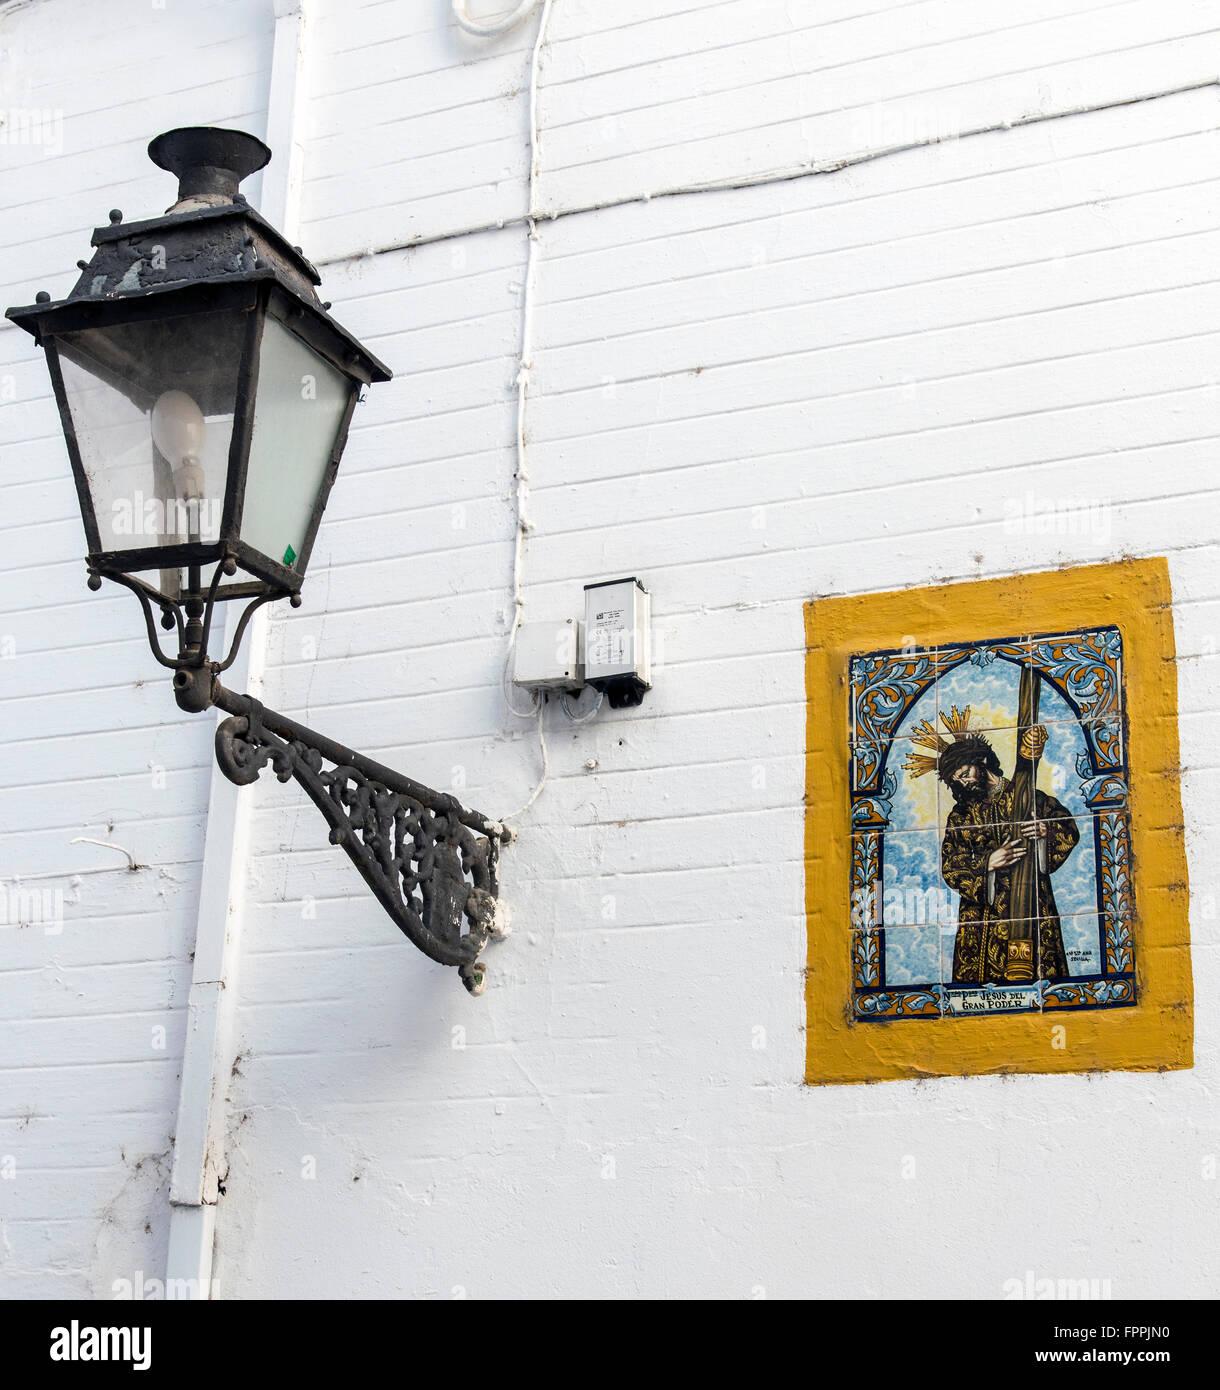 Icona religiosa piastrella l opera di Gesù Cristo in una strada di Siviglia, in Andalusia, Spagna Immagini Stock